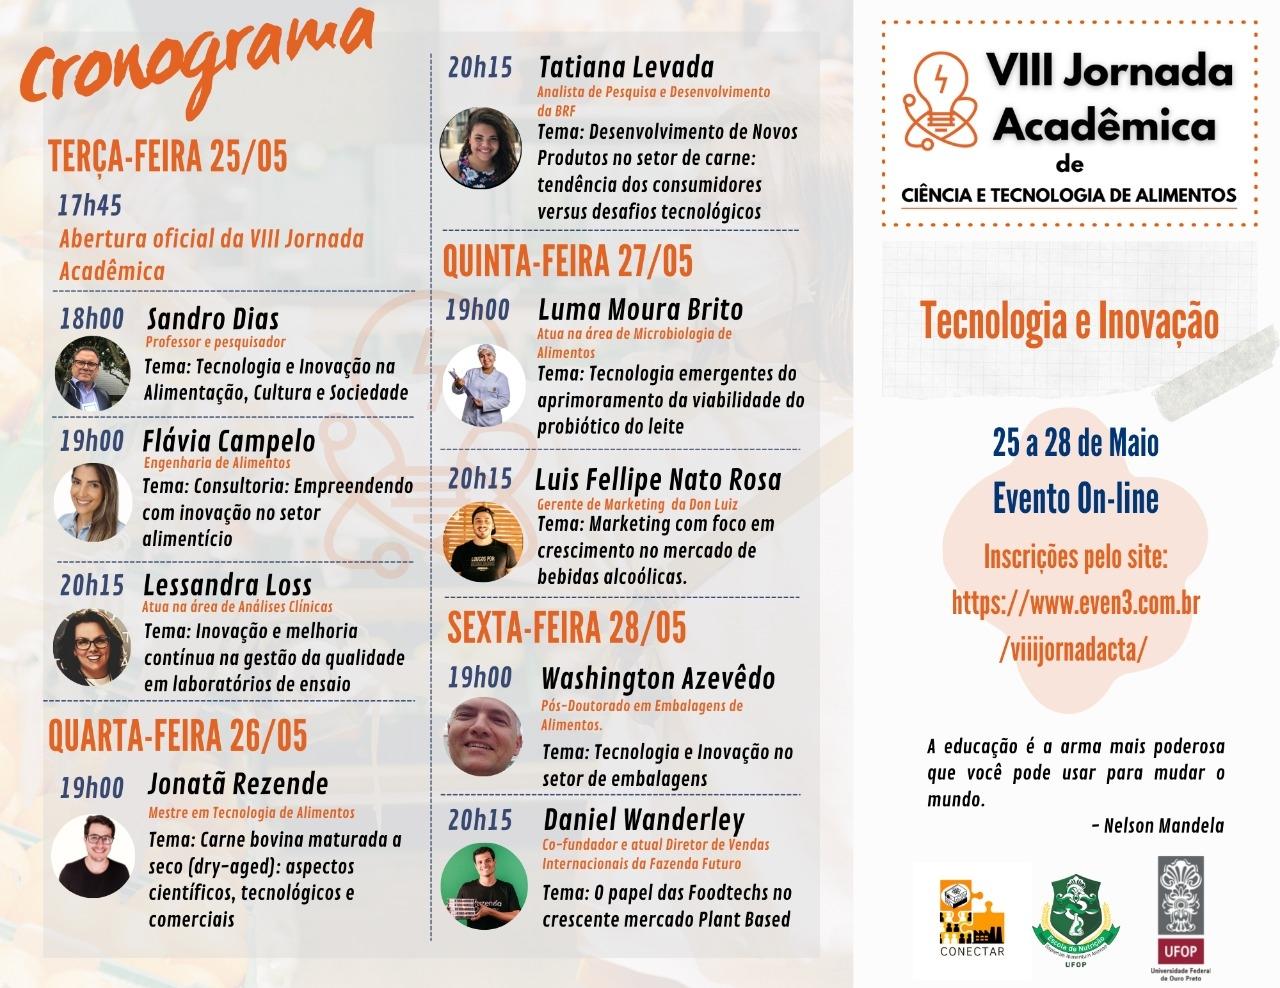 VIII Jornada Acadêmica de Ciência e Tecnologia de Alimentos